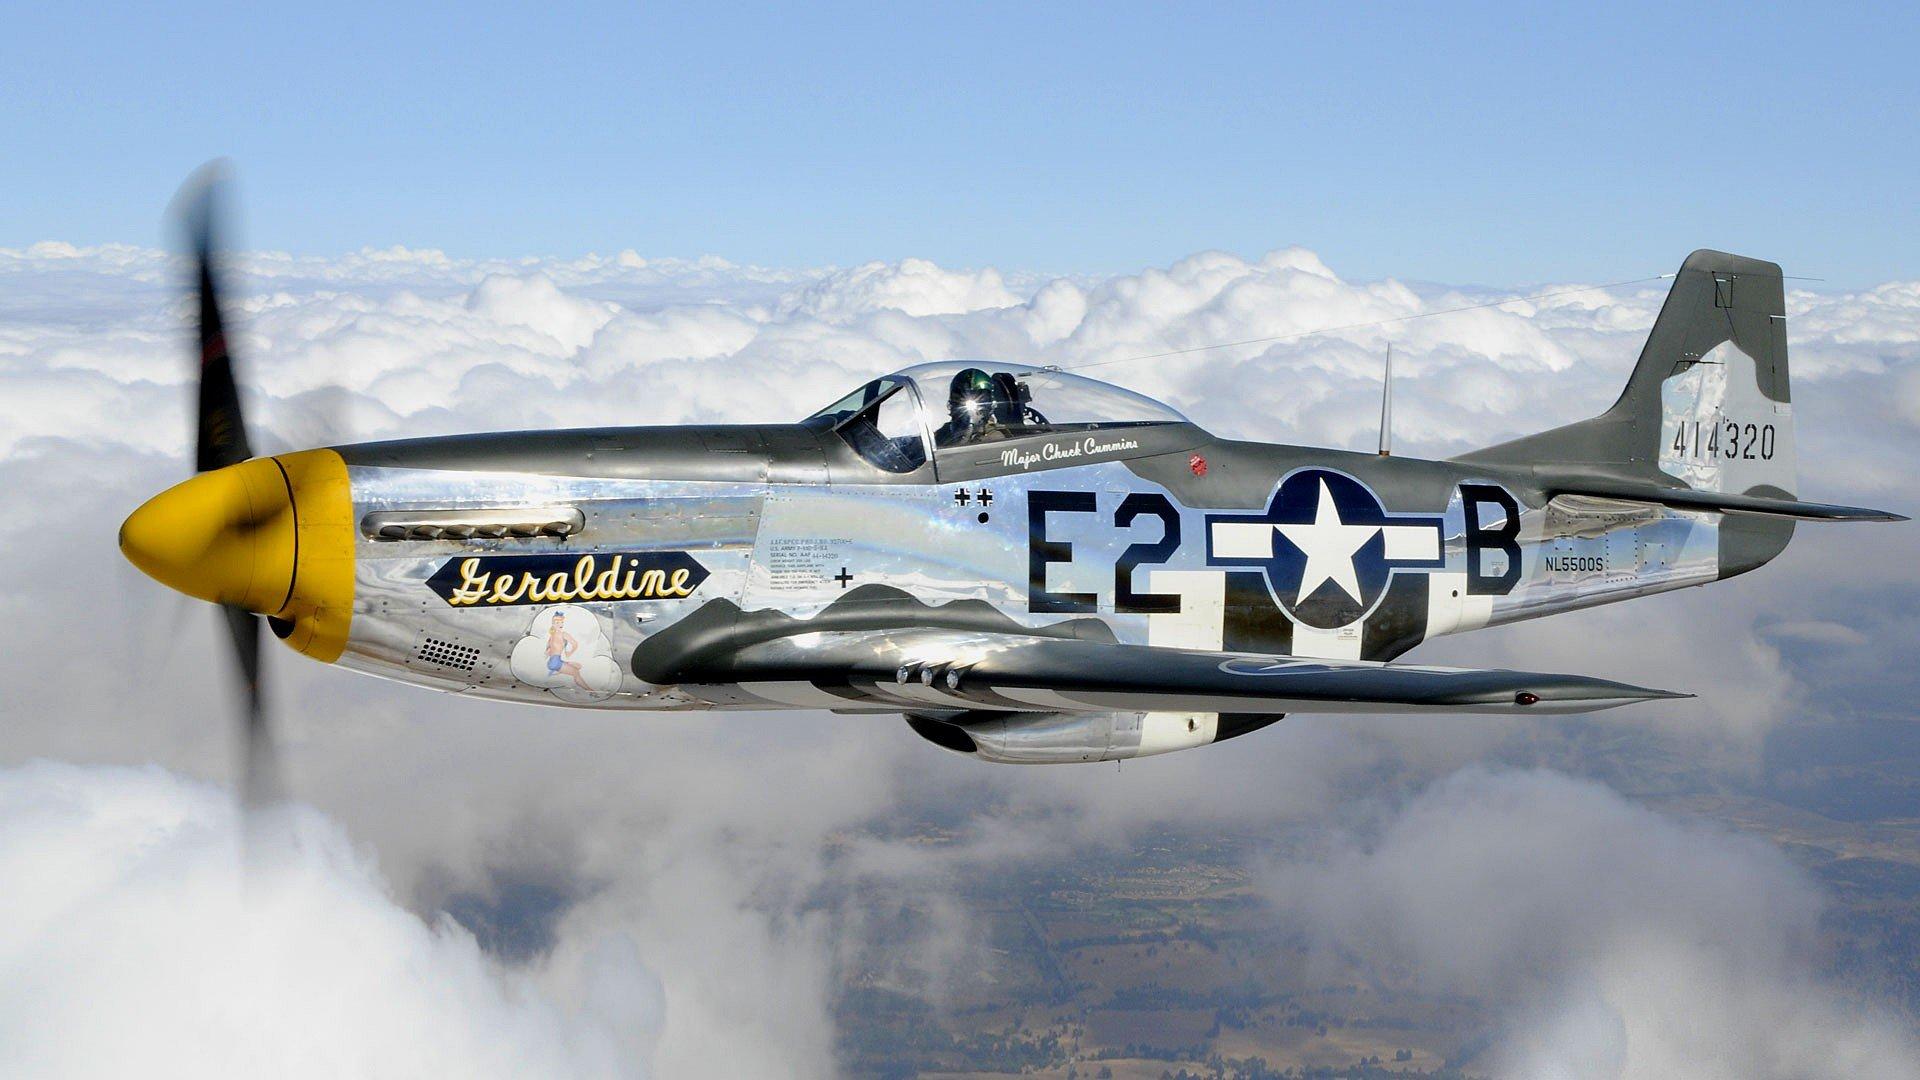 aircraft Warbird P 51 Mustang wallpaper background 1920x1080